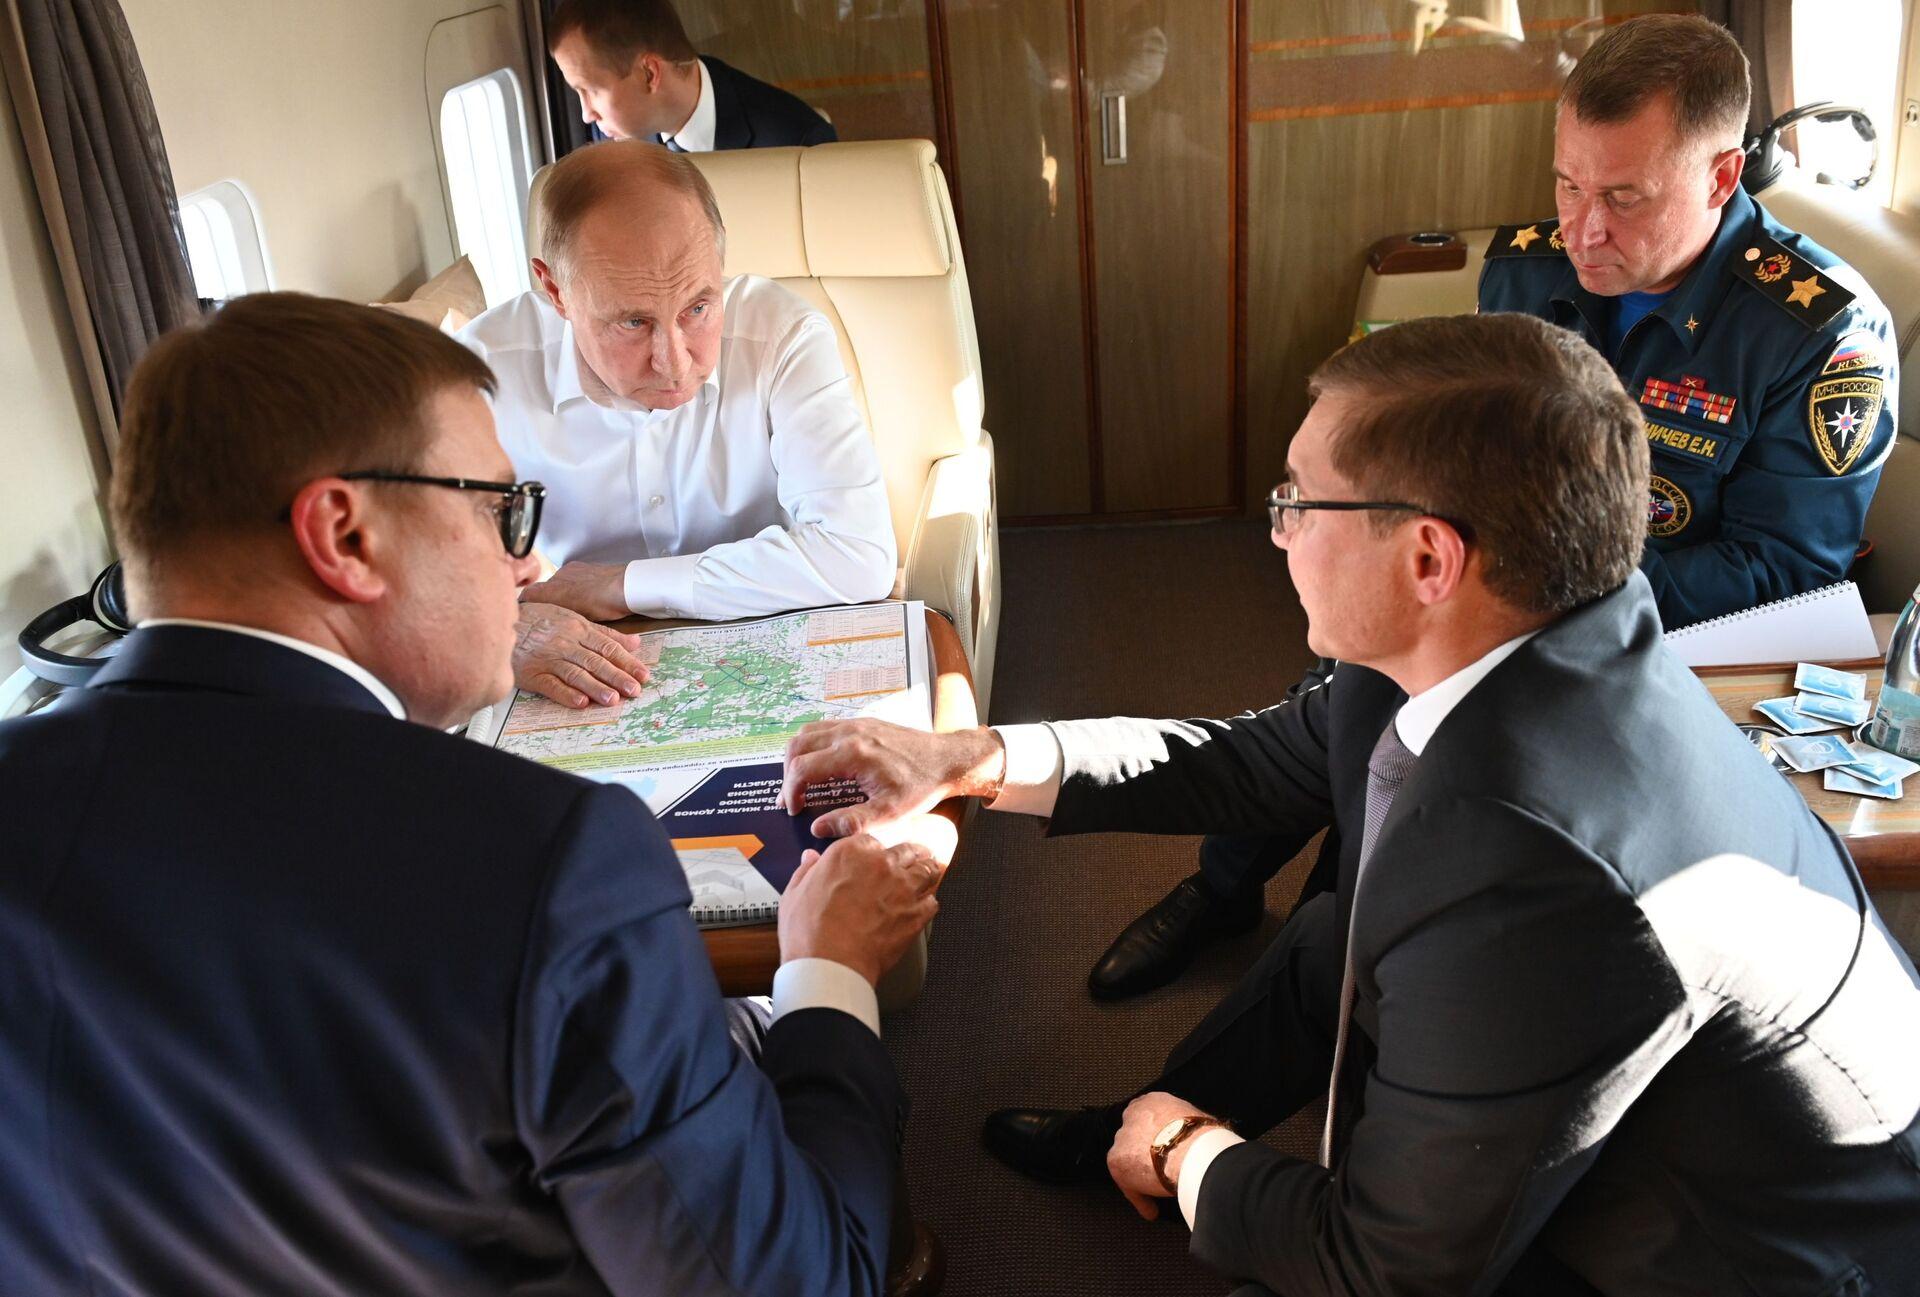 Evgeny Zinichev (phải) đồng hành cùng Vladimir Putin trong chuyến bay trực thăng qua các khu vực thuộc tỉnh Chelyabinsk bị ảnh hưởng bởi cháy rừng - Sputnik Việt Nam, 1920, 05.10.2021